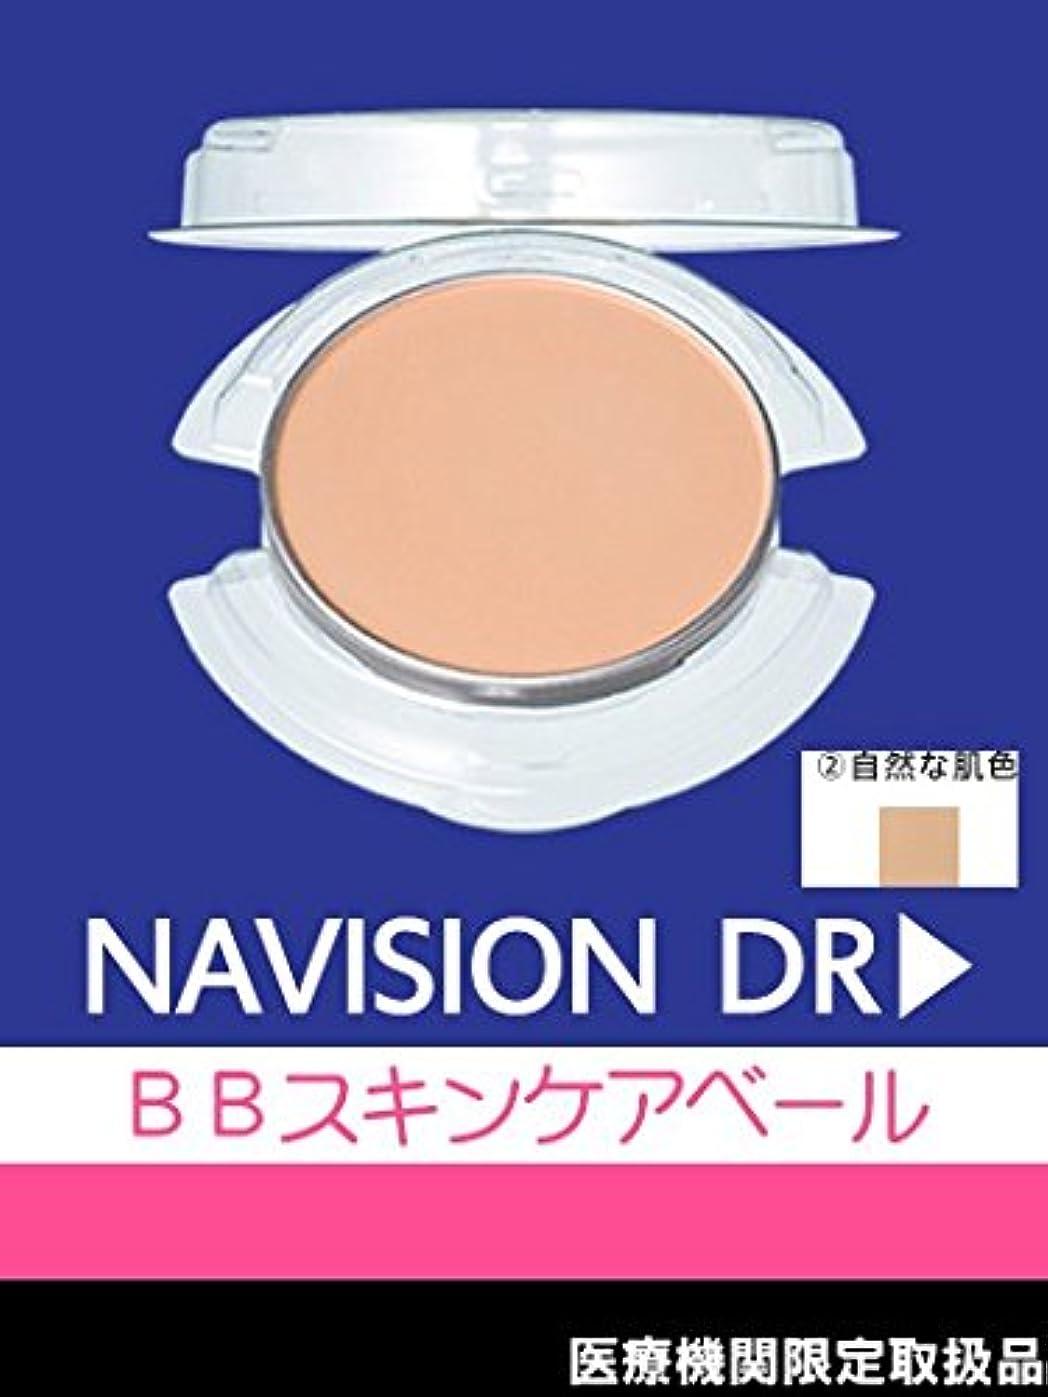 視聴者鑑定シンプルなNAVISION DR? ナビジョンDR BBスキンケアベール ②自然な肌色(レフィルのみ)9.5g【医療機関限定取扱品】